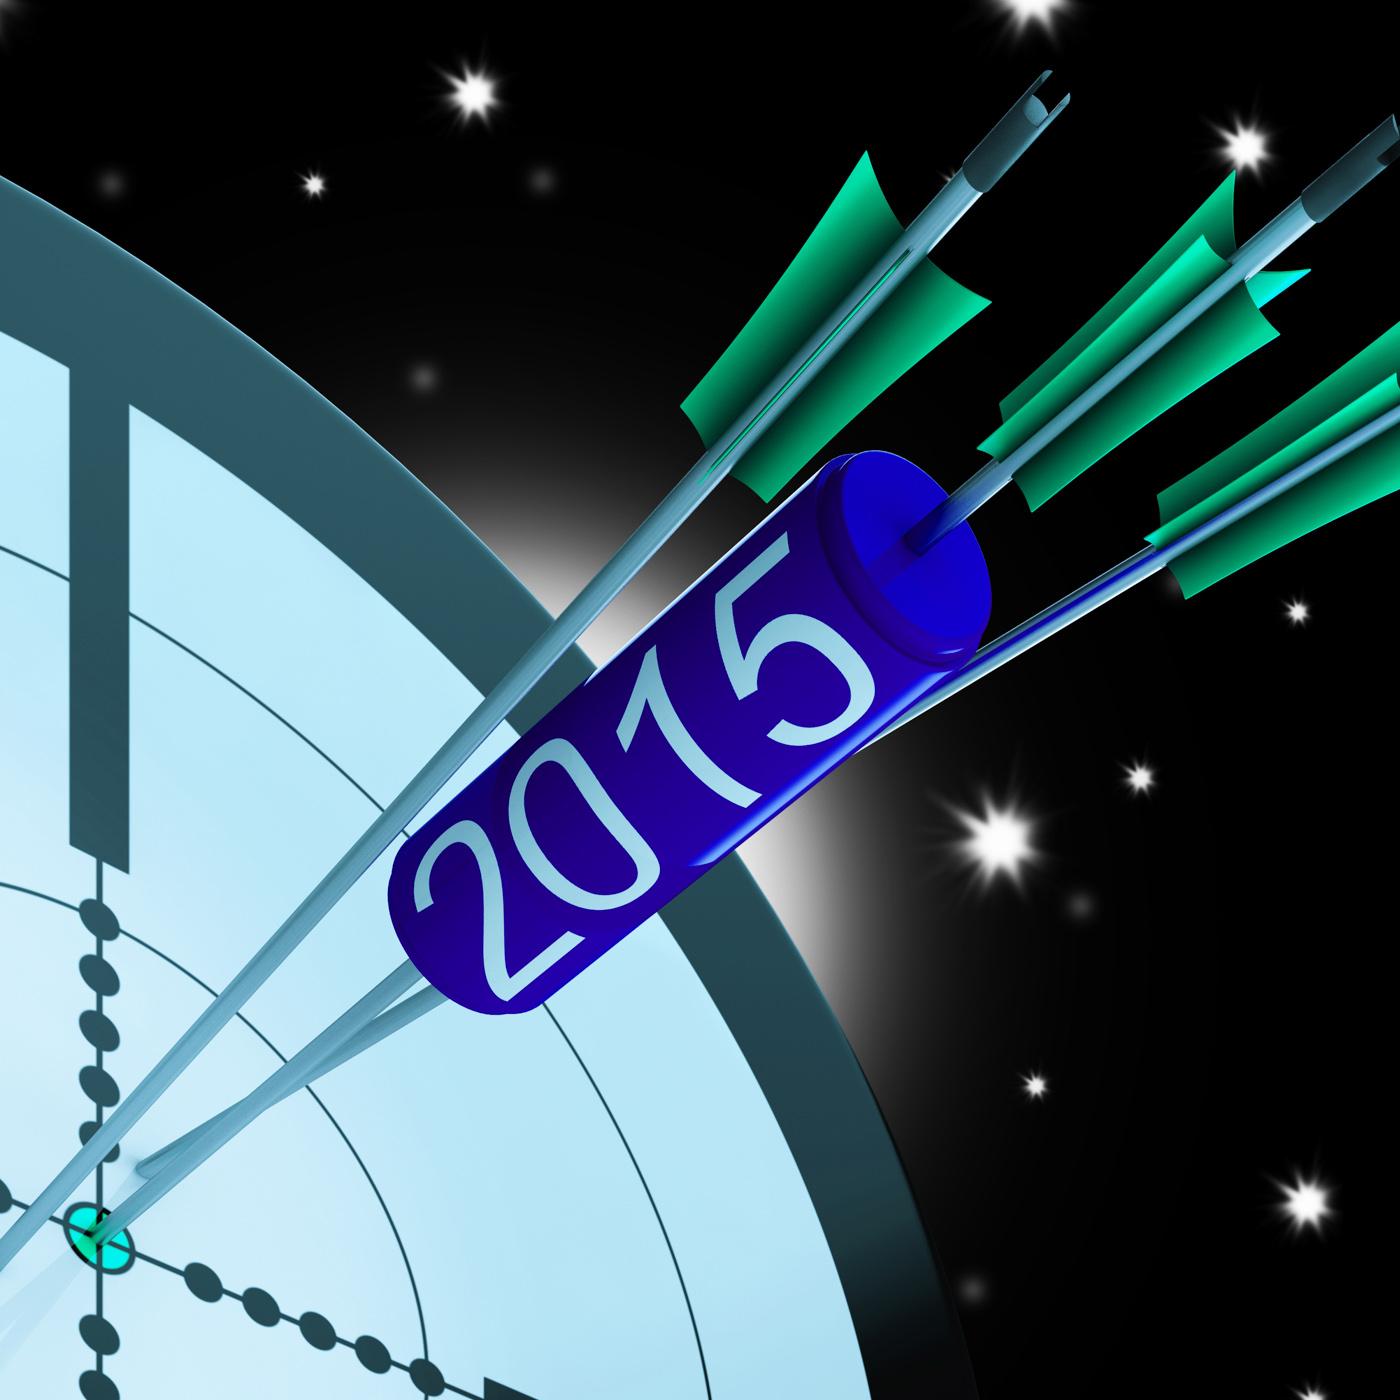 2015 Accurate Dart Target Shows Successful Future, 2015, Plan, Successful, Success, HQ Photo